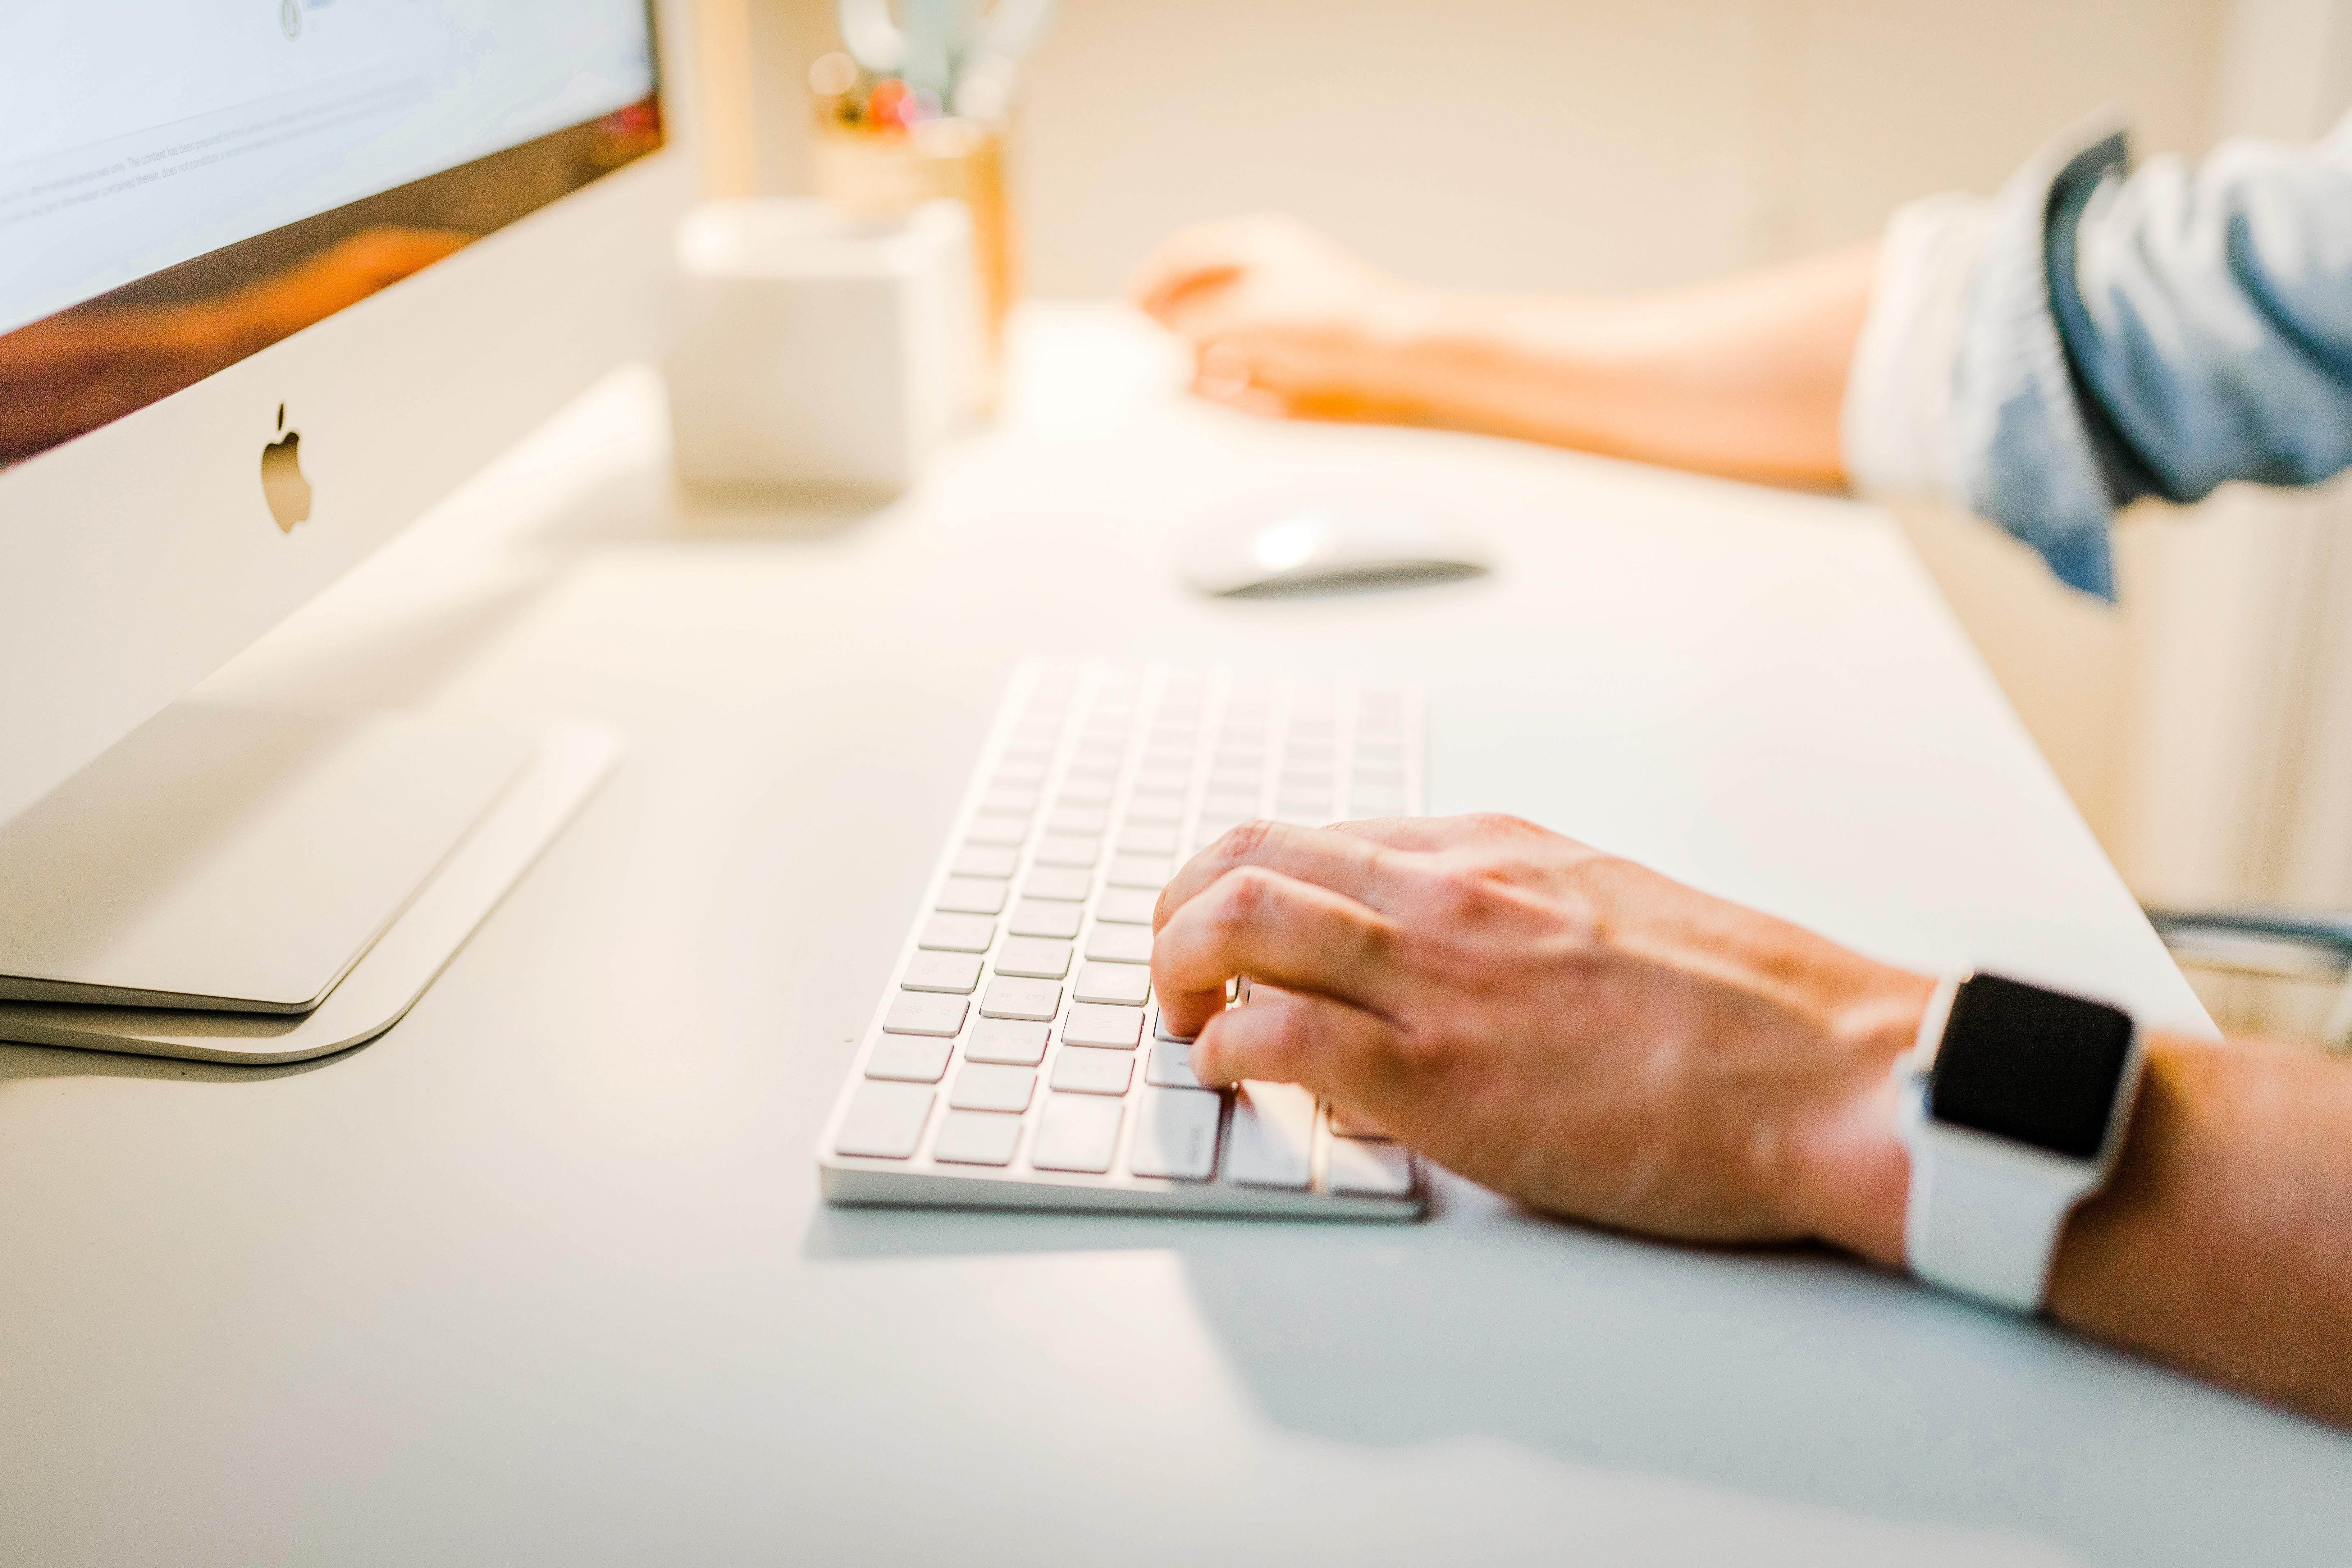 企業へのメールの書き方まとめ!就活に役立つ例文や返信マナー・注意点も紹介